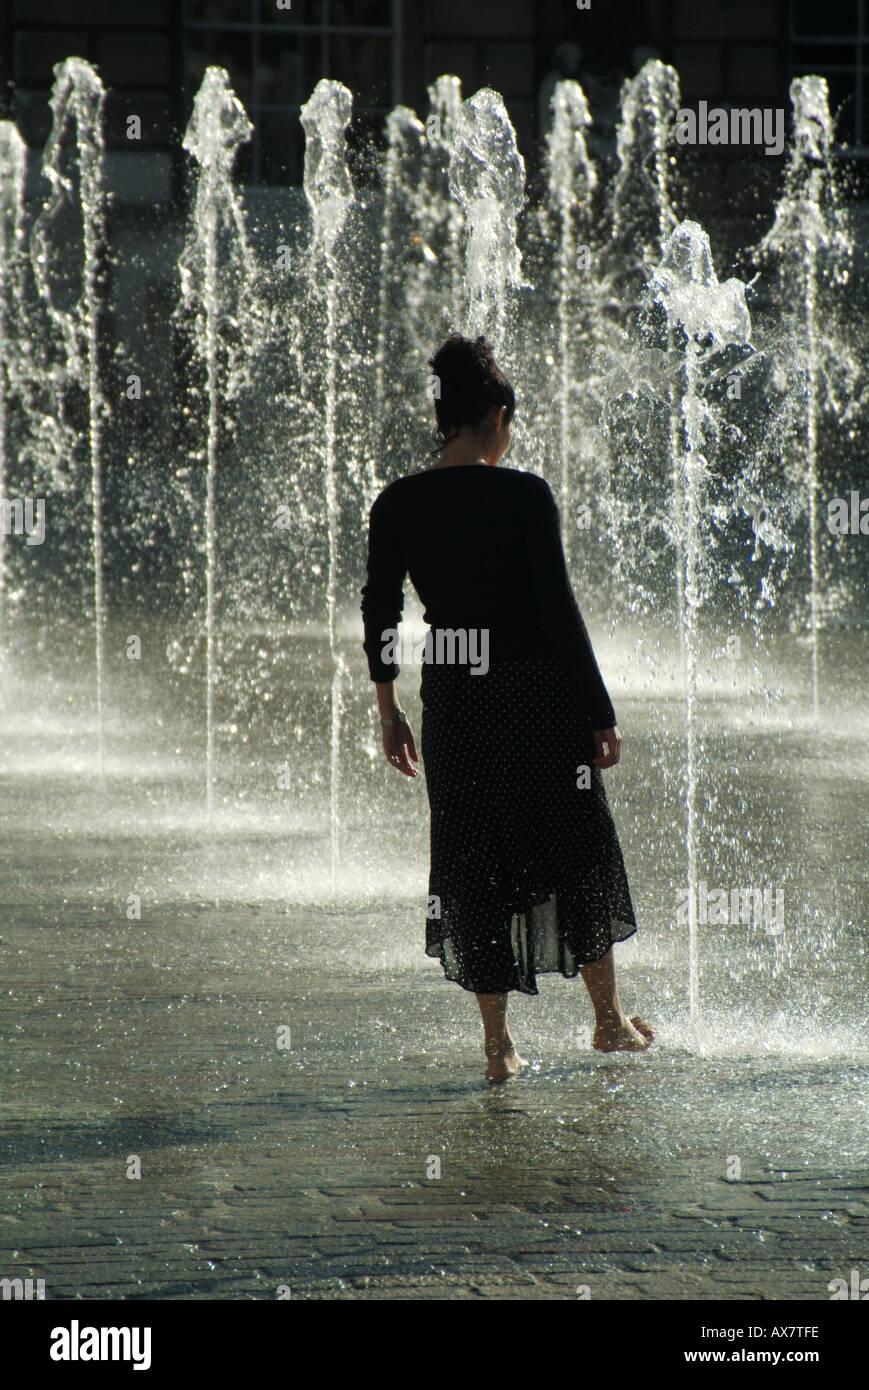 Somerset House fuente joven de enfriar el clima caliente del verano concepto probar el agua o inmersión en Imagen De Stock